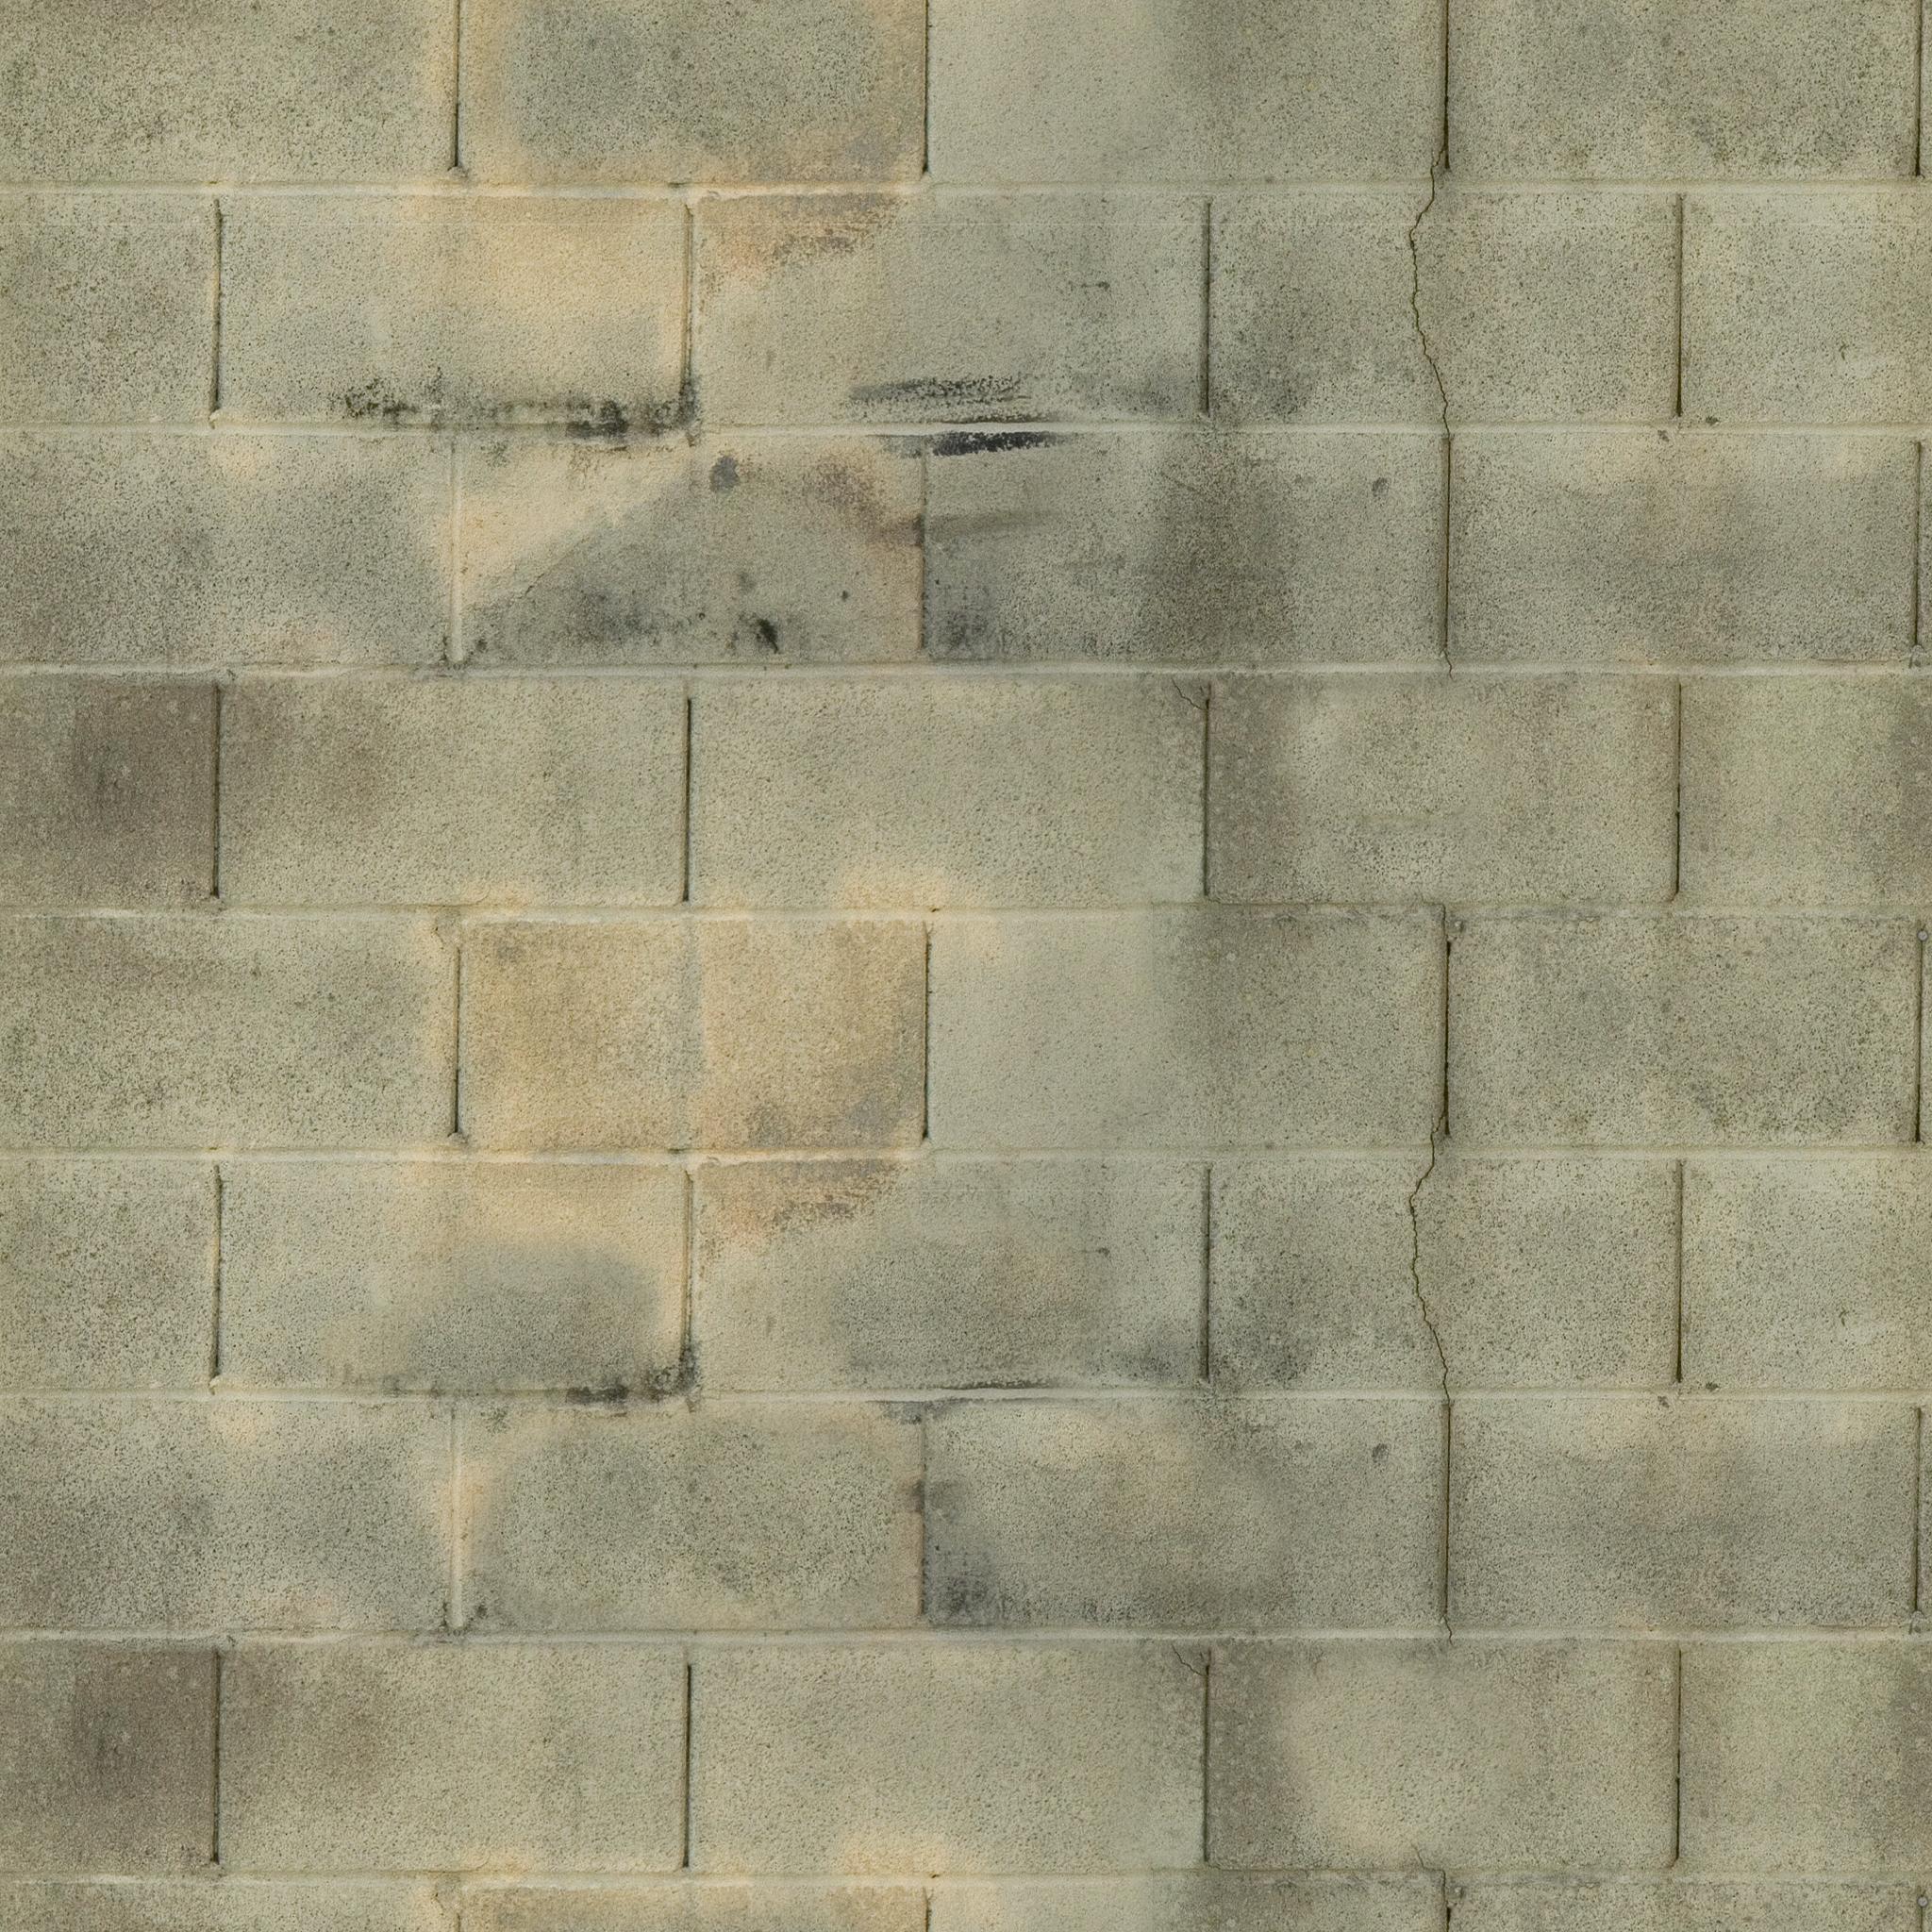 Dusty Tan Brick.jpg